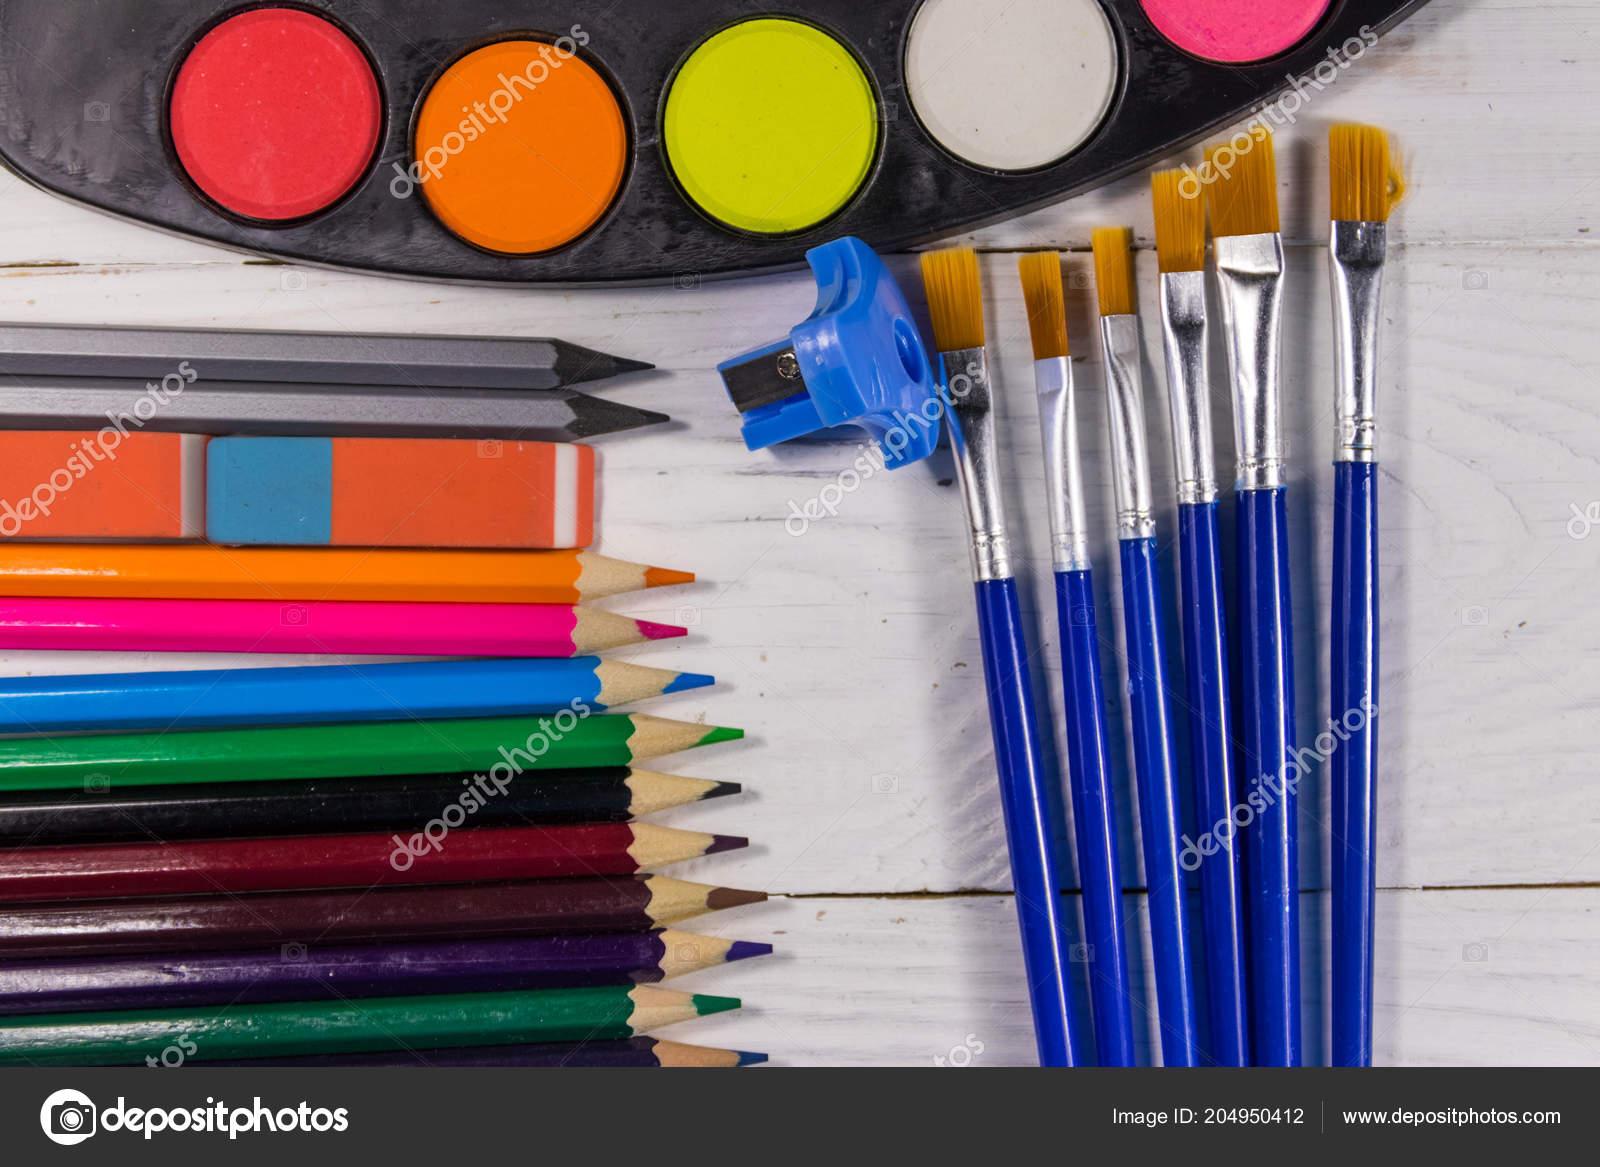 Sada Nastroju Pro Kresleni Bilem Pozadi Drevena Akvarelu Barvy